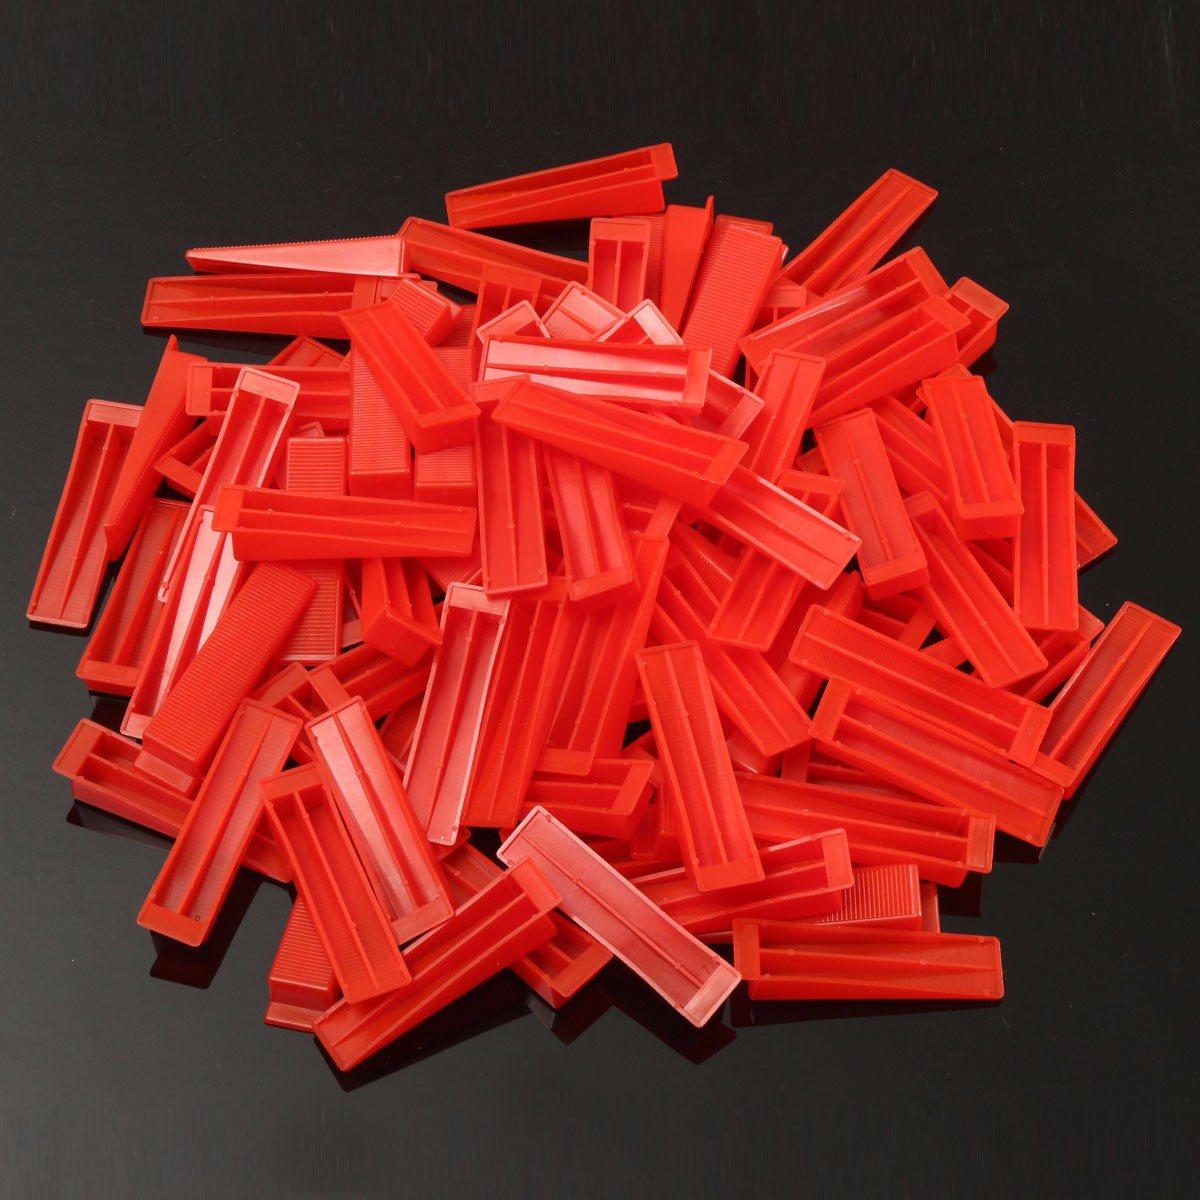 600 плитки выравнивание Системы-500 Зажимы + 100 клинья Пластик Распорки плитки Инструменты